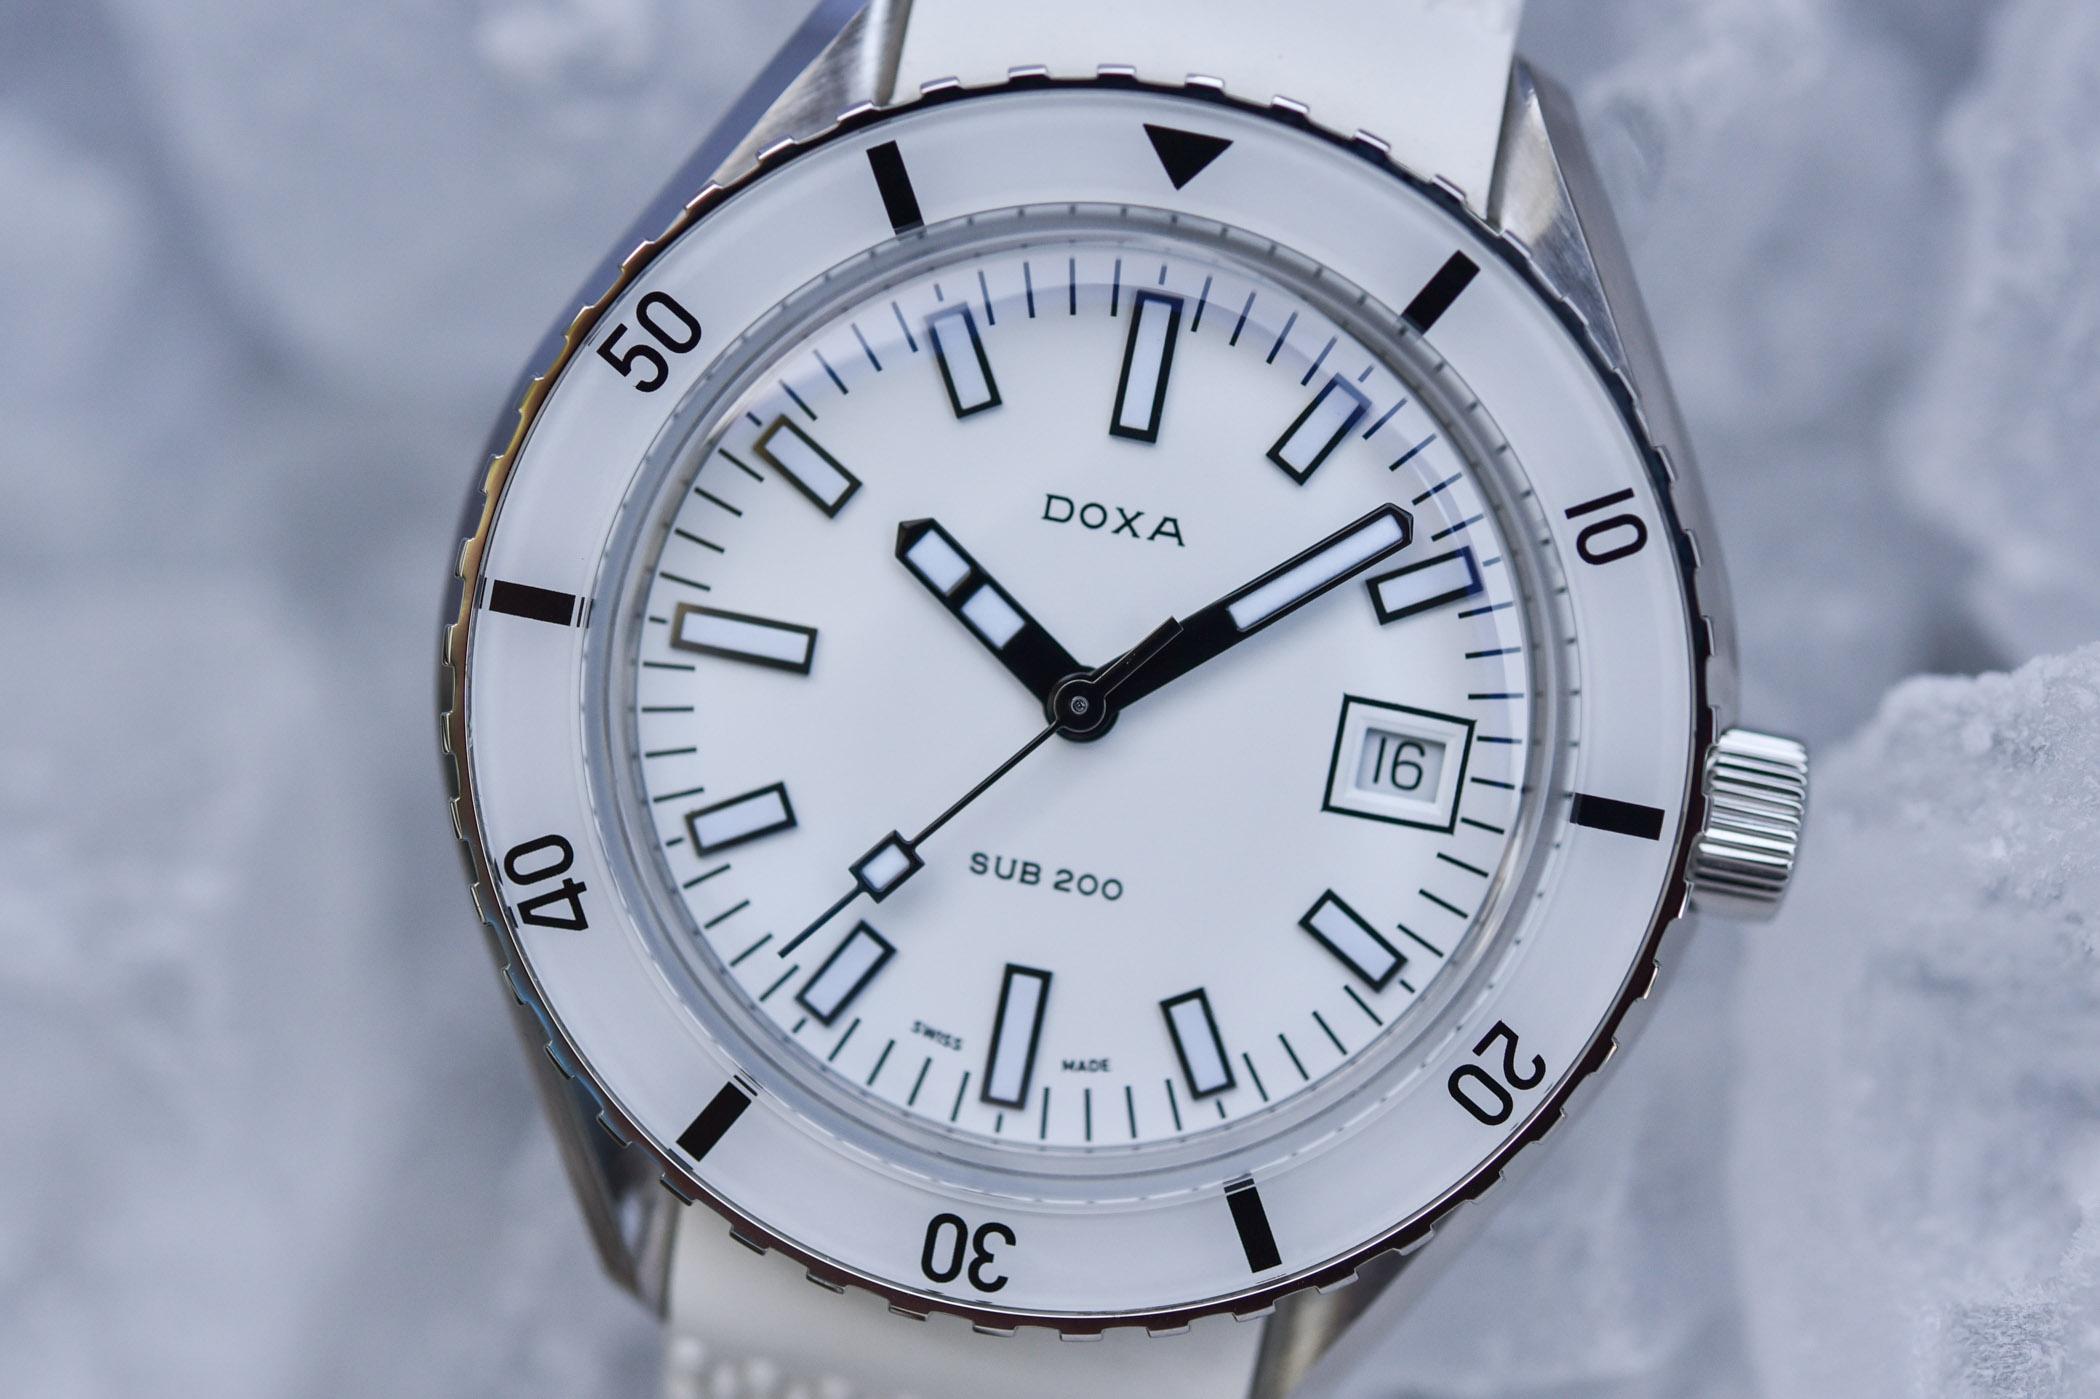 Doxa SUB 200 Whitepearl